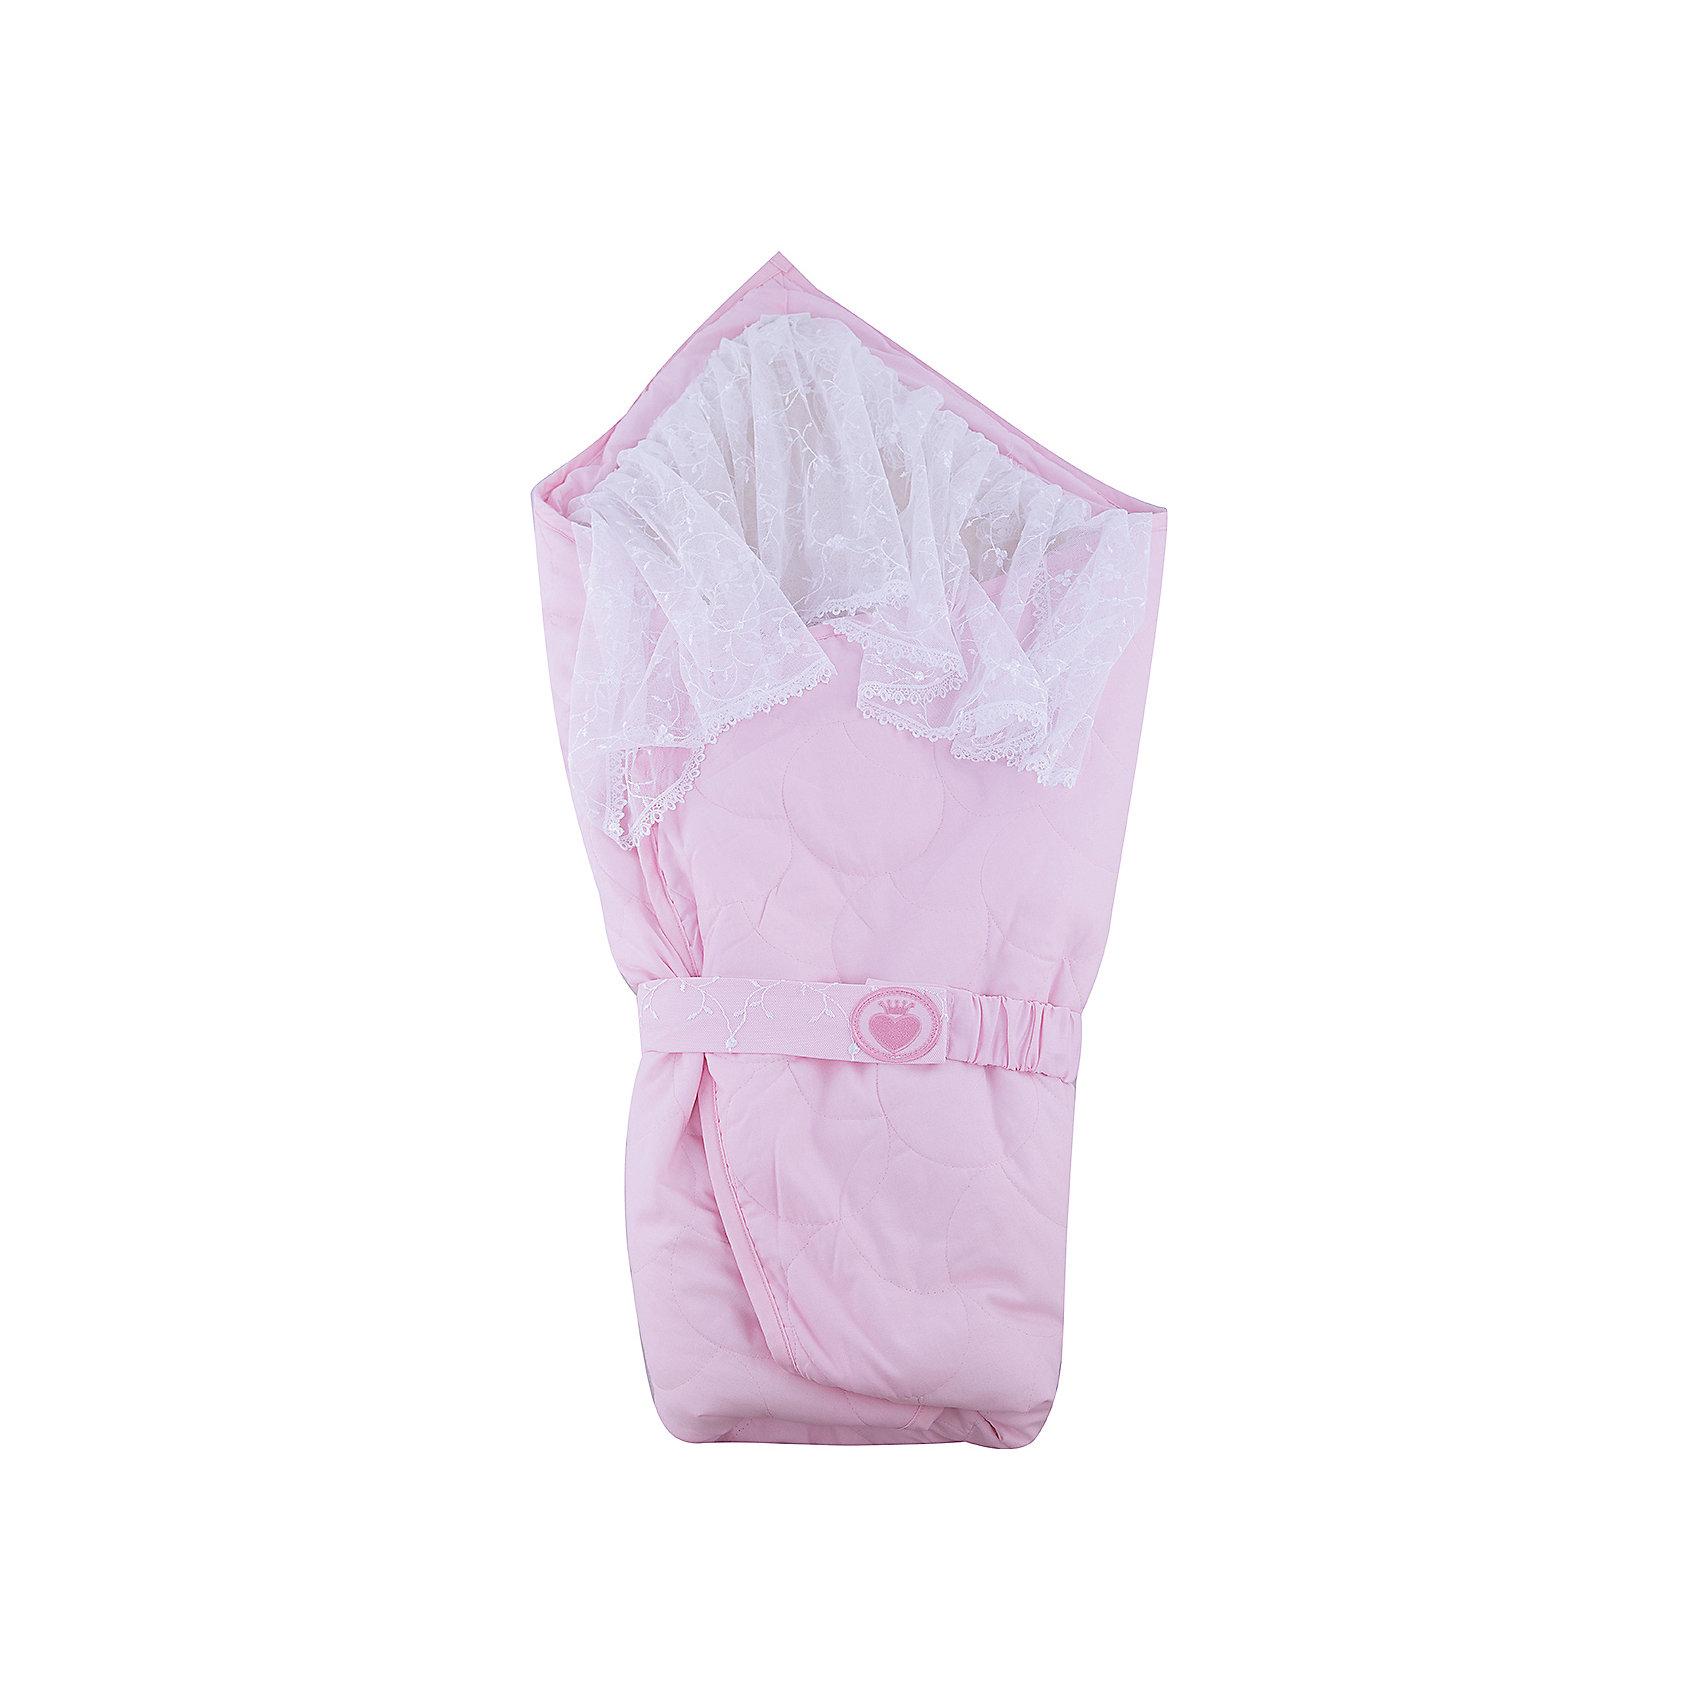 Одеяло-конверт Зимушка, Сонный гномик, розовыйЗимние конверты<br>Характеристики:<br><br>• Вид детского текстиля: одеяло-конверт<br>• Сезон: зима<br>• Температурный режим: от 0? С до -20? С<br>• Степень утепления: высокая<br>• Утеплитель: синтепон, 200 г/кв.м<br>• Пол: для девочки<br>• Тематика рисунка: без рисунка<br>• Материал: сатин, хлопок 100%; натуральная овечья шерсть<br>• Цвет: розовый, белый<br>• Съемная вуаль<br>• В комплекте предусмотрен пояс<br>• Упаковка: полиэтилен <br>• Размер одеяла: 100*100 см<br>• Вес в упаковке: 940 г<br>• Особенности ухода: машинная стирка при температуре 30 градусов без использования красящих и отбеливающих веществ<br><br>Одеяло-конверт Зимушка, Сонный гномик, розовый от отечественного торгового бренда выполнено с учетом международных требований к качеству и безопасности товаров для детей. Конверт предназначен для выписки из роддома в зимний период. Верхняя часть конверта выполнена из стеганого сатина, в качестве наполнителя использован синтепон, что обеспечивает легкий вес изделия, воздухопроницаемость и гипоаллергенность. Высокую степень утепления обеспечивает натуральная овечья шерсть. В комплекте имеется съемная вуаль белого цвета на липучке голубой пояс. Изделие отличается функциональностью, после выписки его можно использовать в качестве одеяла для сна или для прогулок в прохладное время года.<br>Одеяло-конверт Зимушка, Сонный гномик, розовый создаст праздничный образ вашего малыша во время выписки из роддома. <br><br>Одеяло-конверт Зимушка, Сонный гномик, розовый можно купить в нашем интернет-магазине.<br><br>Ширина мм: 600<br>Глубина мм: 100<br>Высота мм: 450<br>Вес г: 940<br>Возраст от месяцев: 0<br>Возраст до месяцев: 6<br>Пол: Женский<br>Возраст: Детский<br>SKU: 4922769